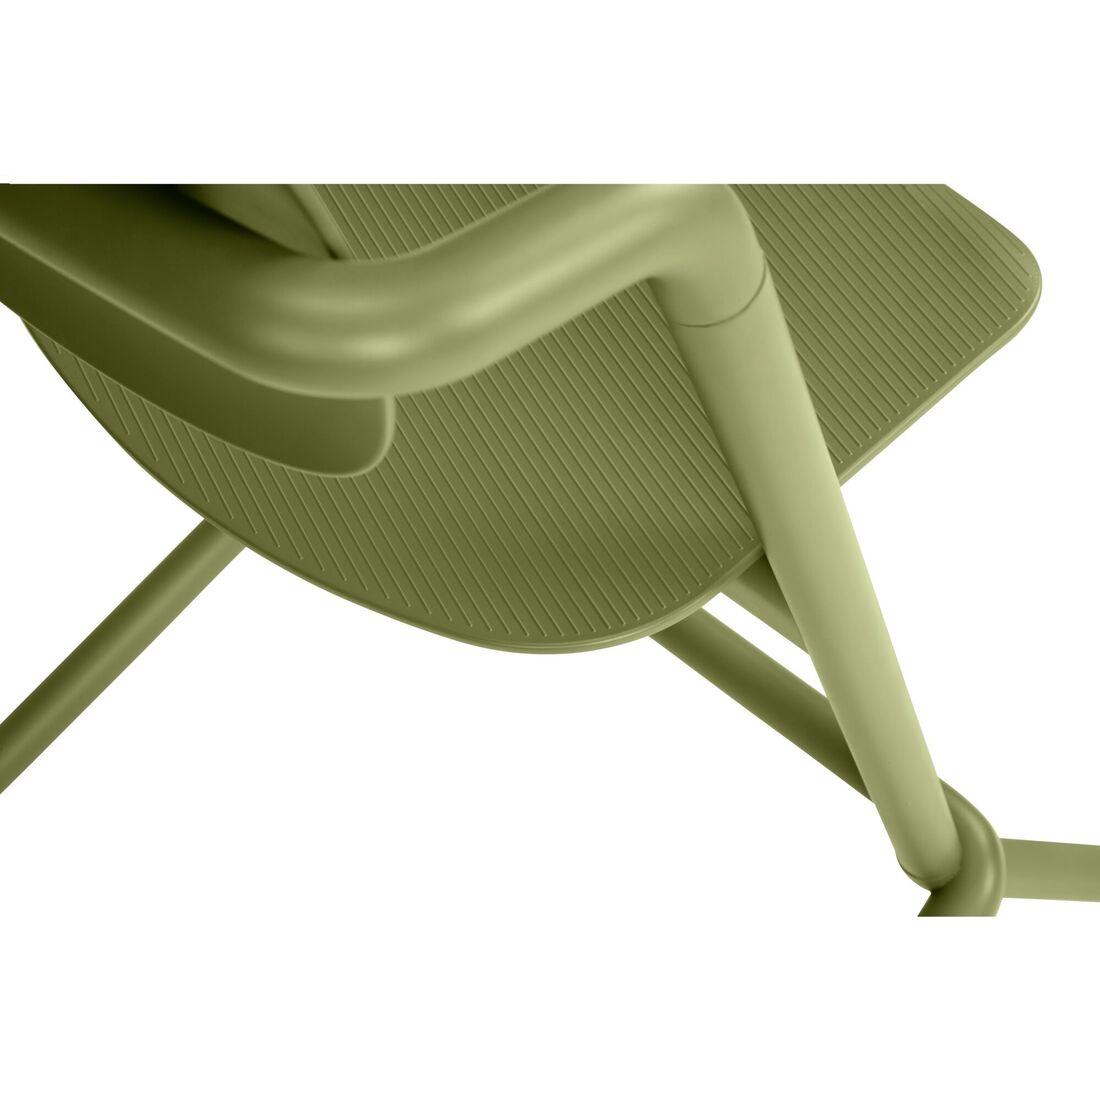 CYBEX Lemo Hochstuhl - Outback Green (Plastic) in Outback Green (Plastic) large Bild 4